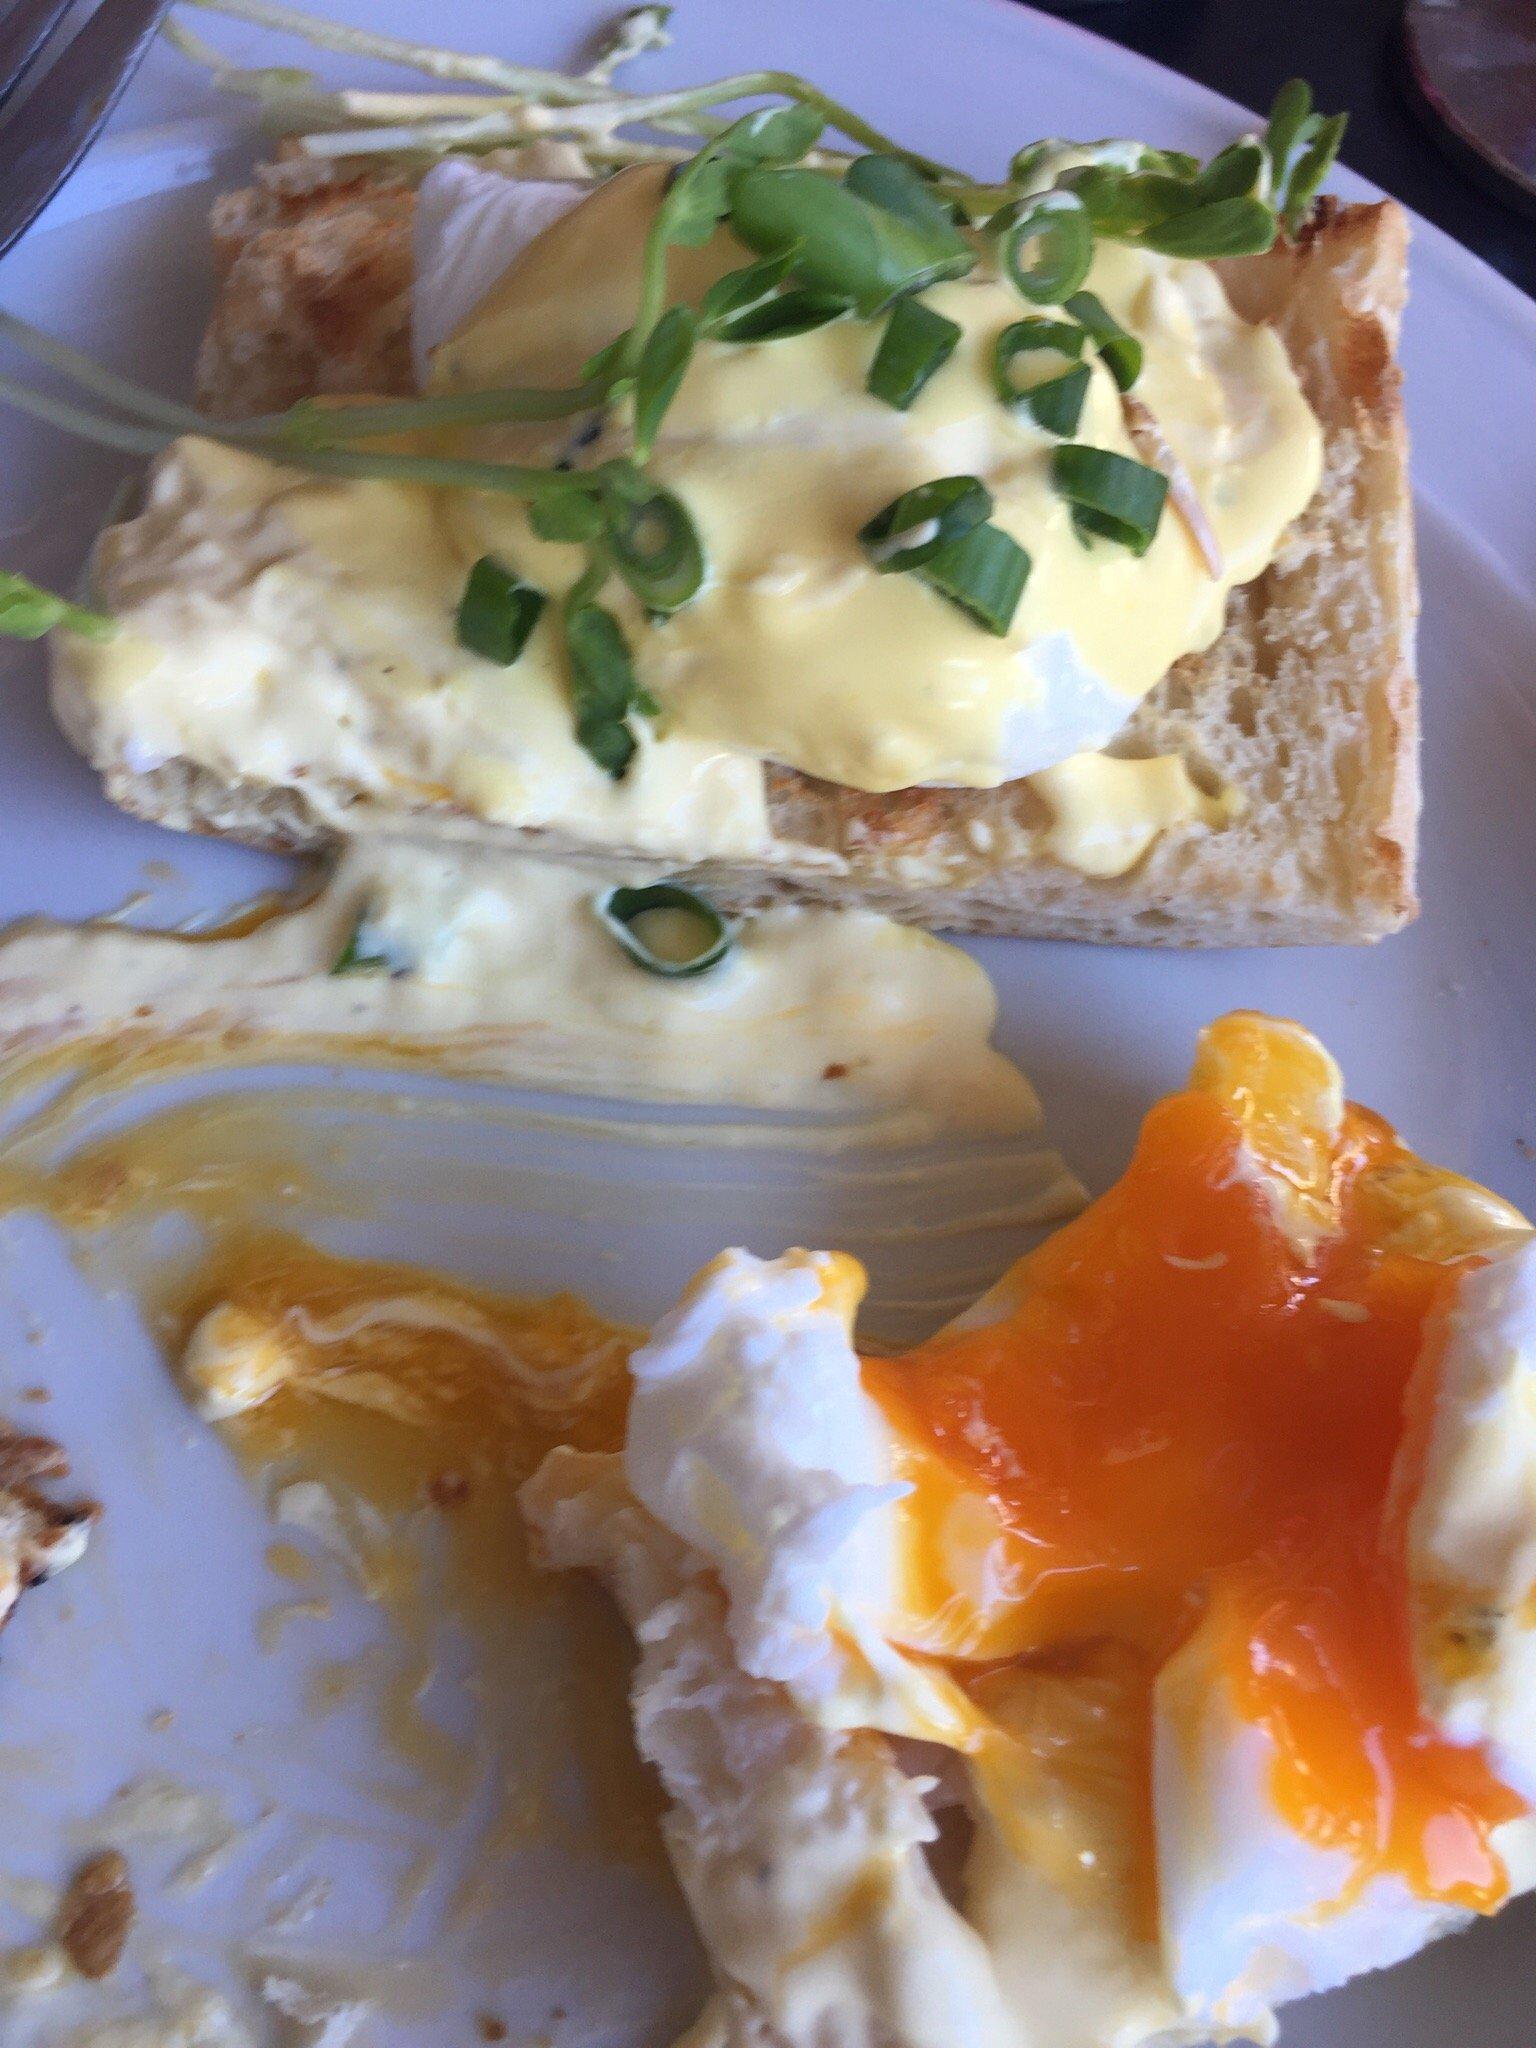 mussels restaurant warwick 103 palmerin st restaurant reviews